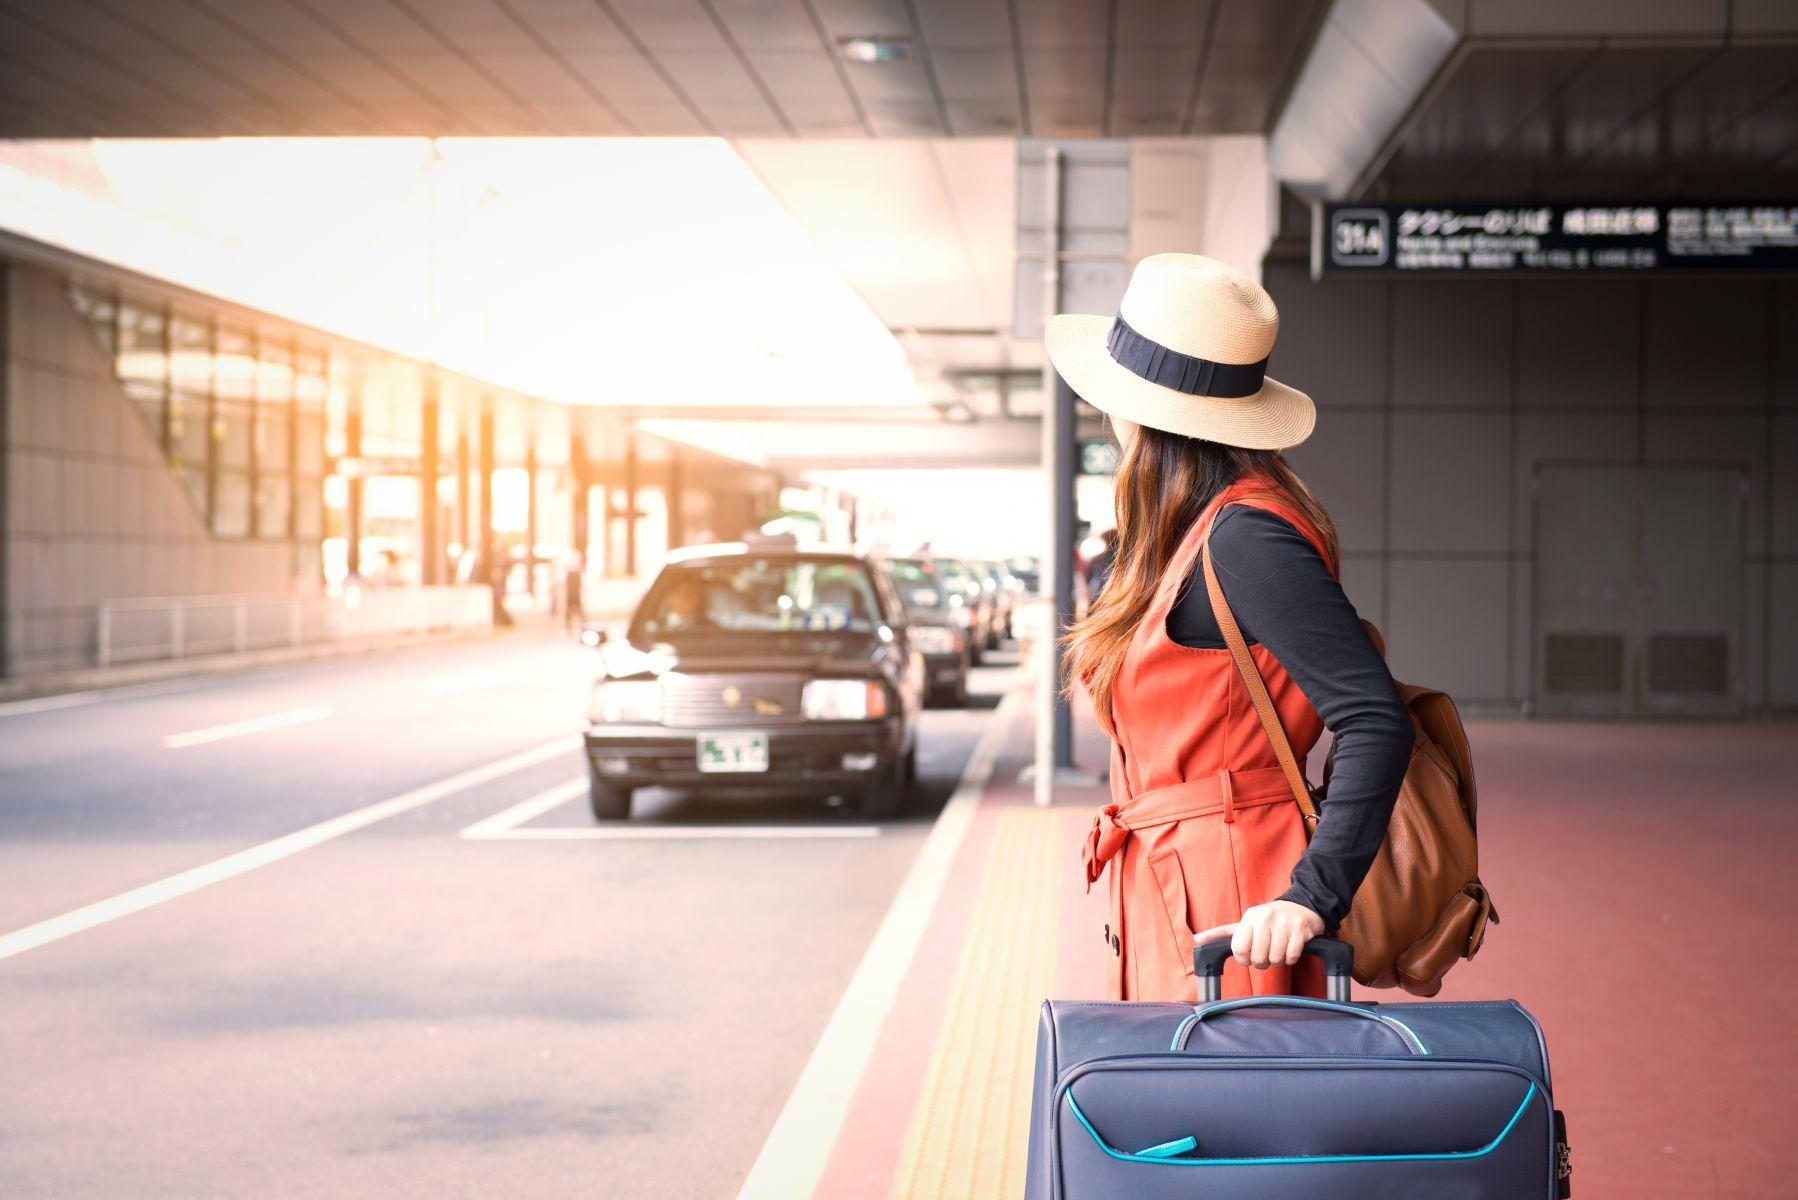 觀光慘業!亞洲旅客不來台灣4原因曝光